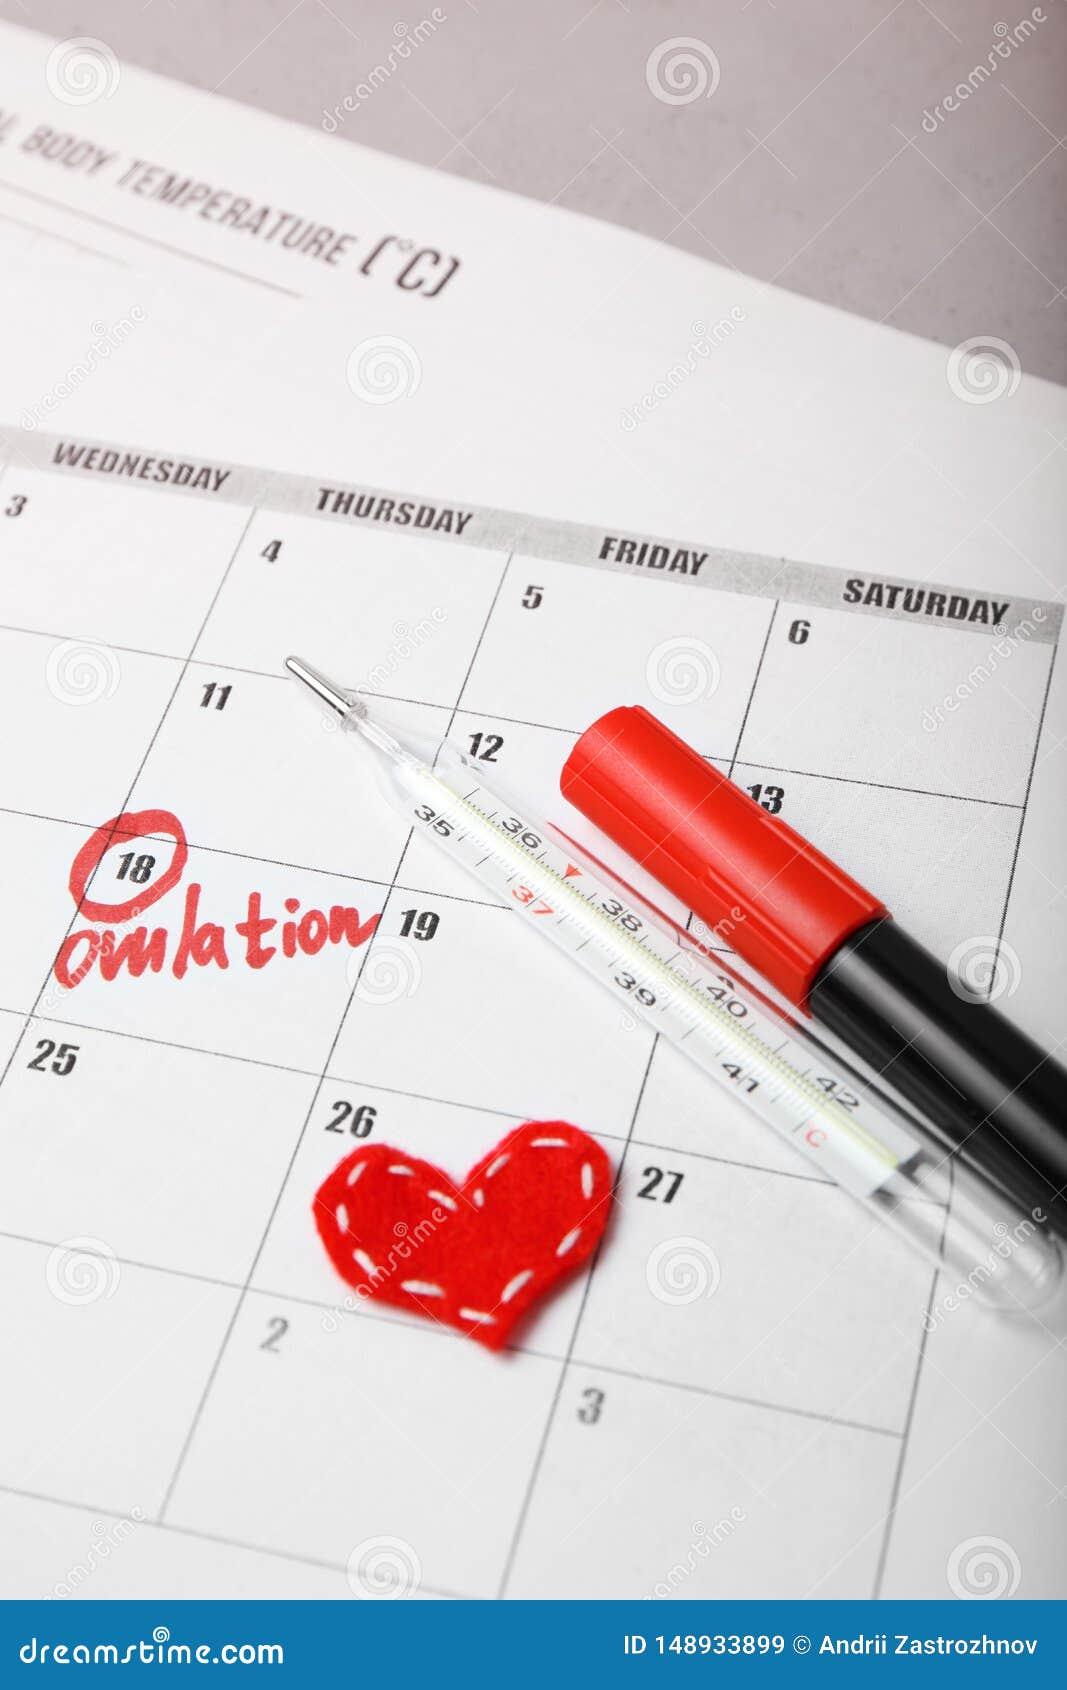 Giorno promettente e fertile per il bambino di concepimento Pianificazione familiare Ciclo di ovulazione